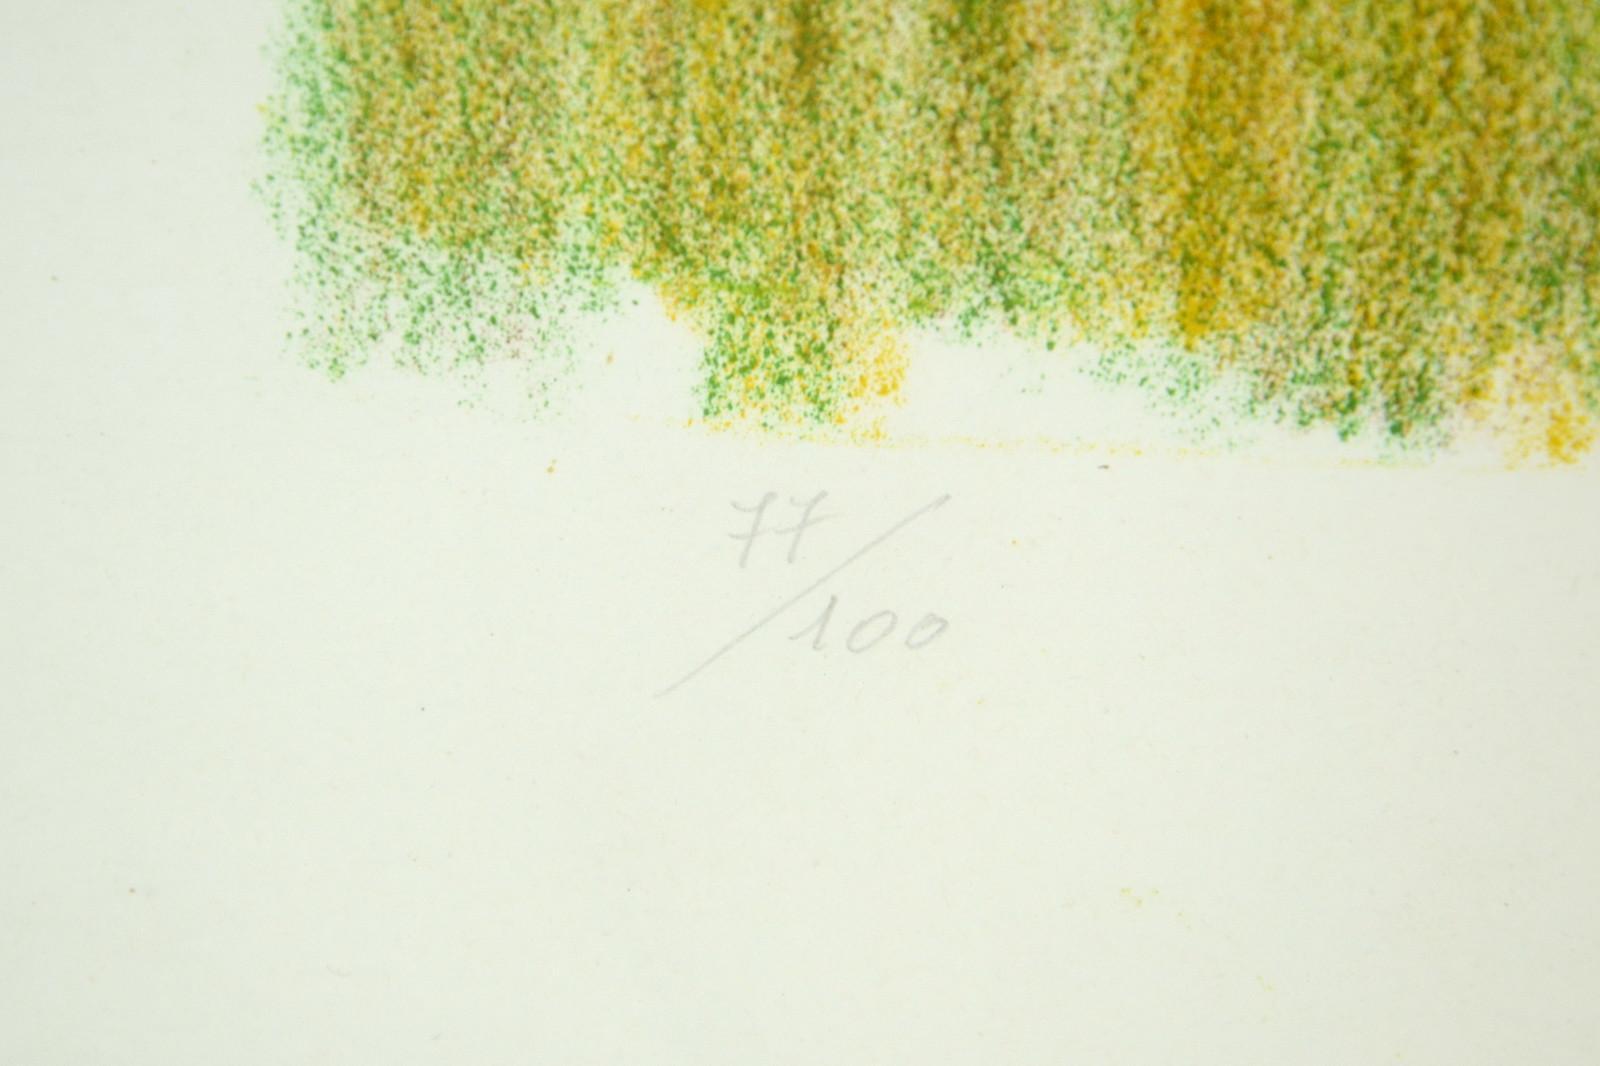 stampa-numerata-bruno-fanesi-77-di-100-anno-73-3,1442.jpg?WebbinsCacheCounter=1